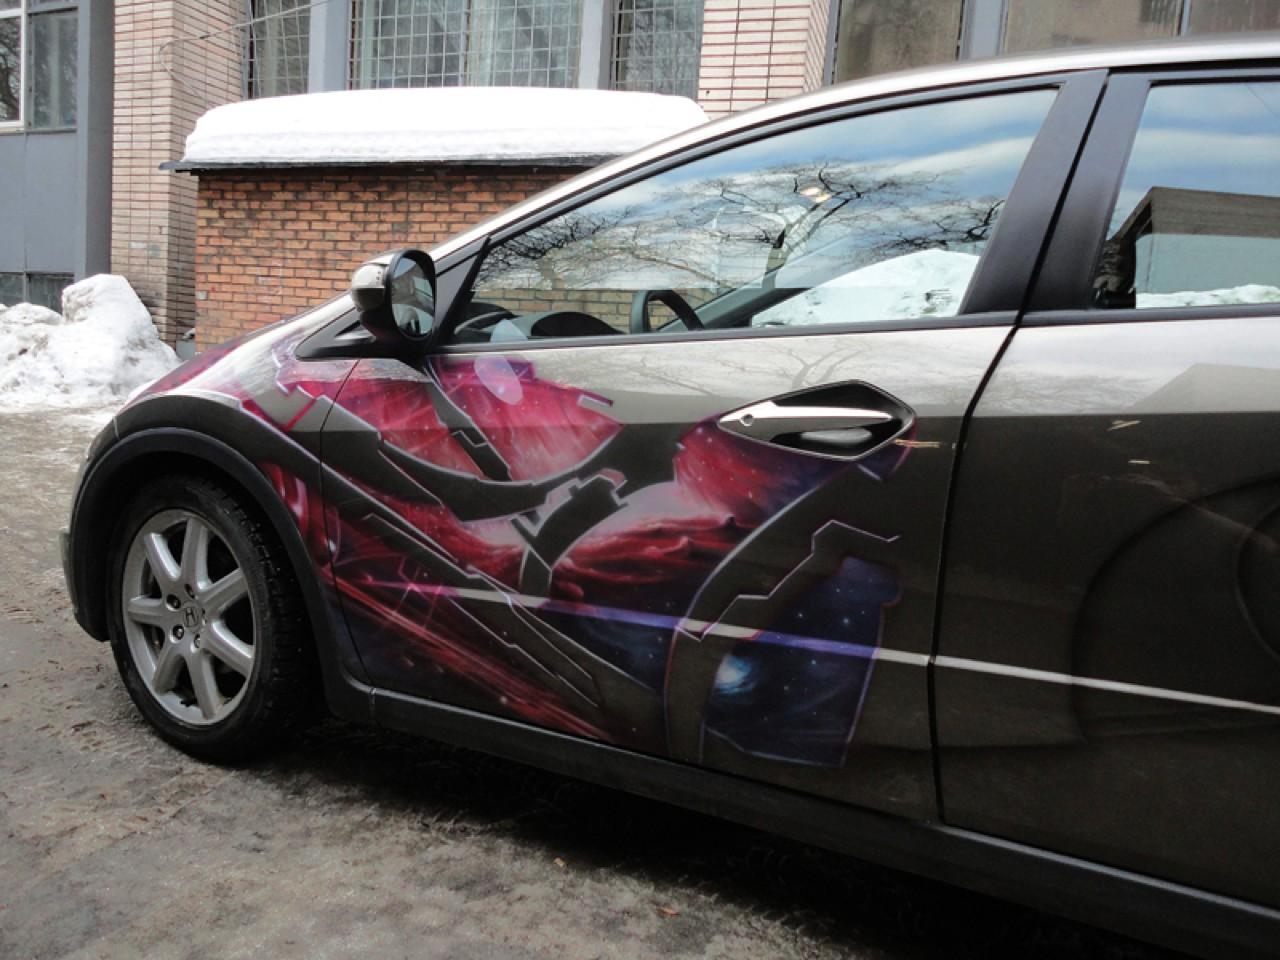 سيارات رائعة بلوحات فنية طبيعية اروع Russia-airbrush-cars-12